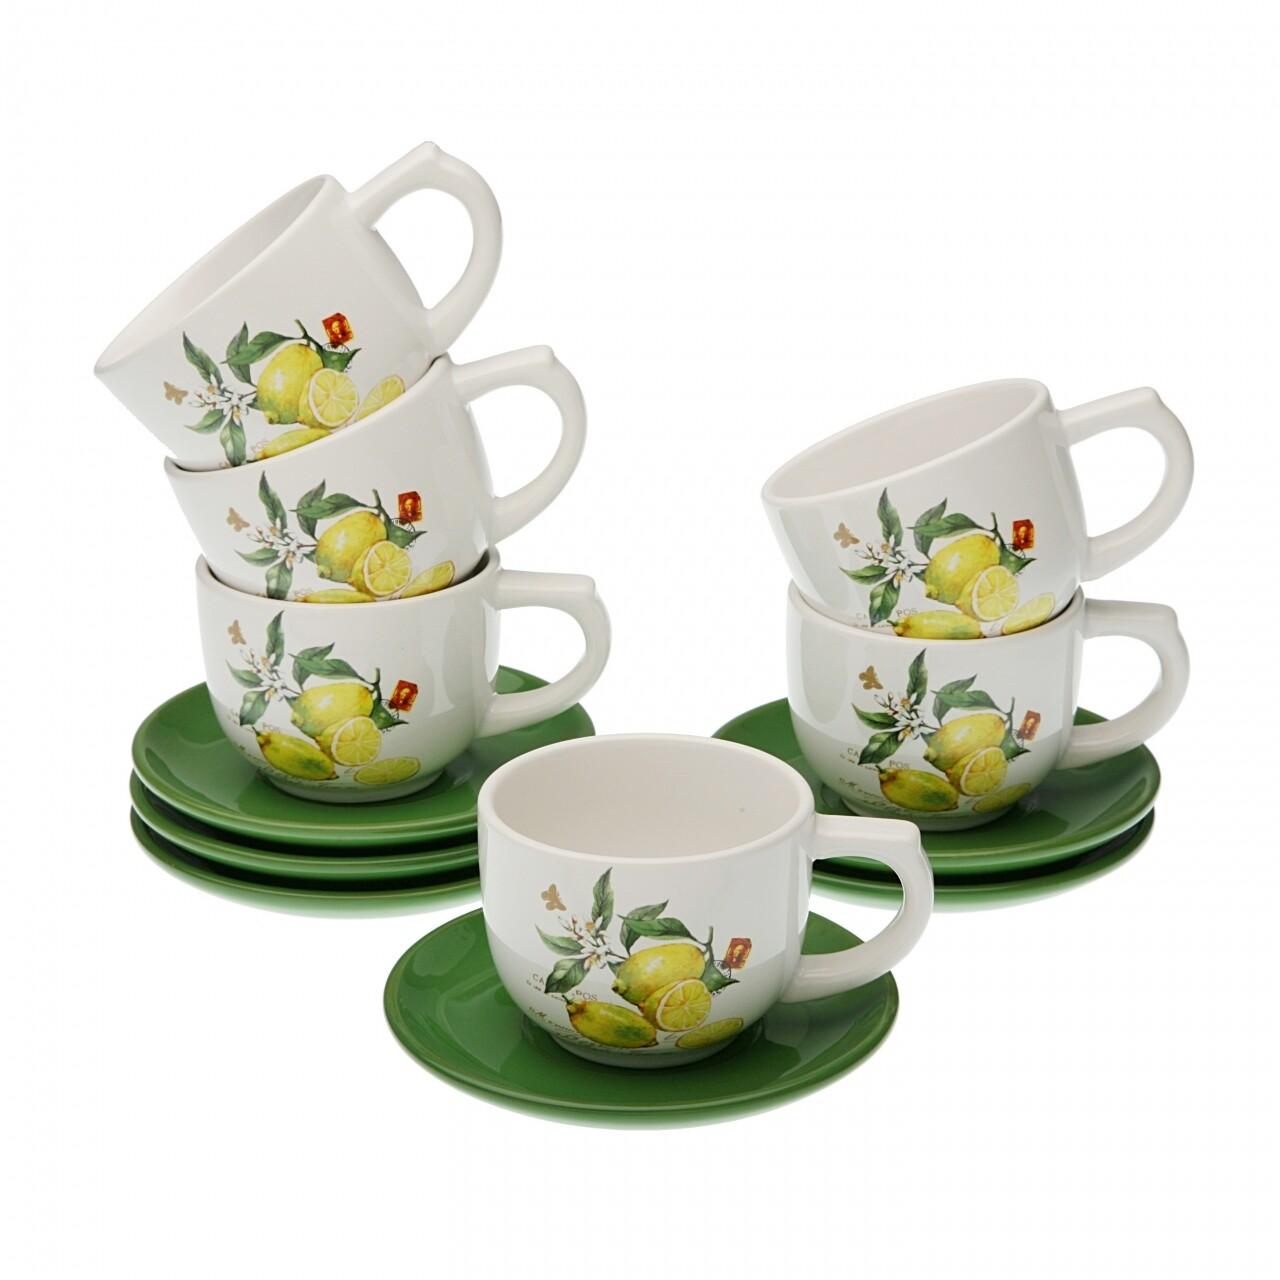 Set 6 cesti cu farfurioare pentru ceai, Versa, 200 ml, ceramica, verde/galben